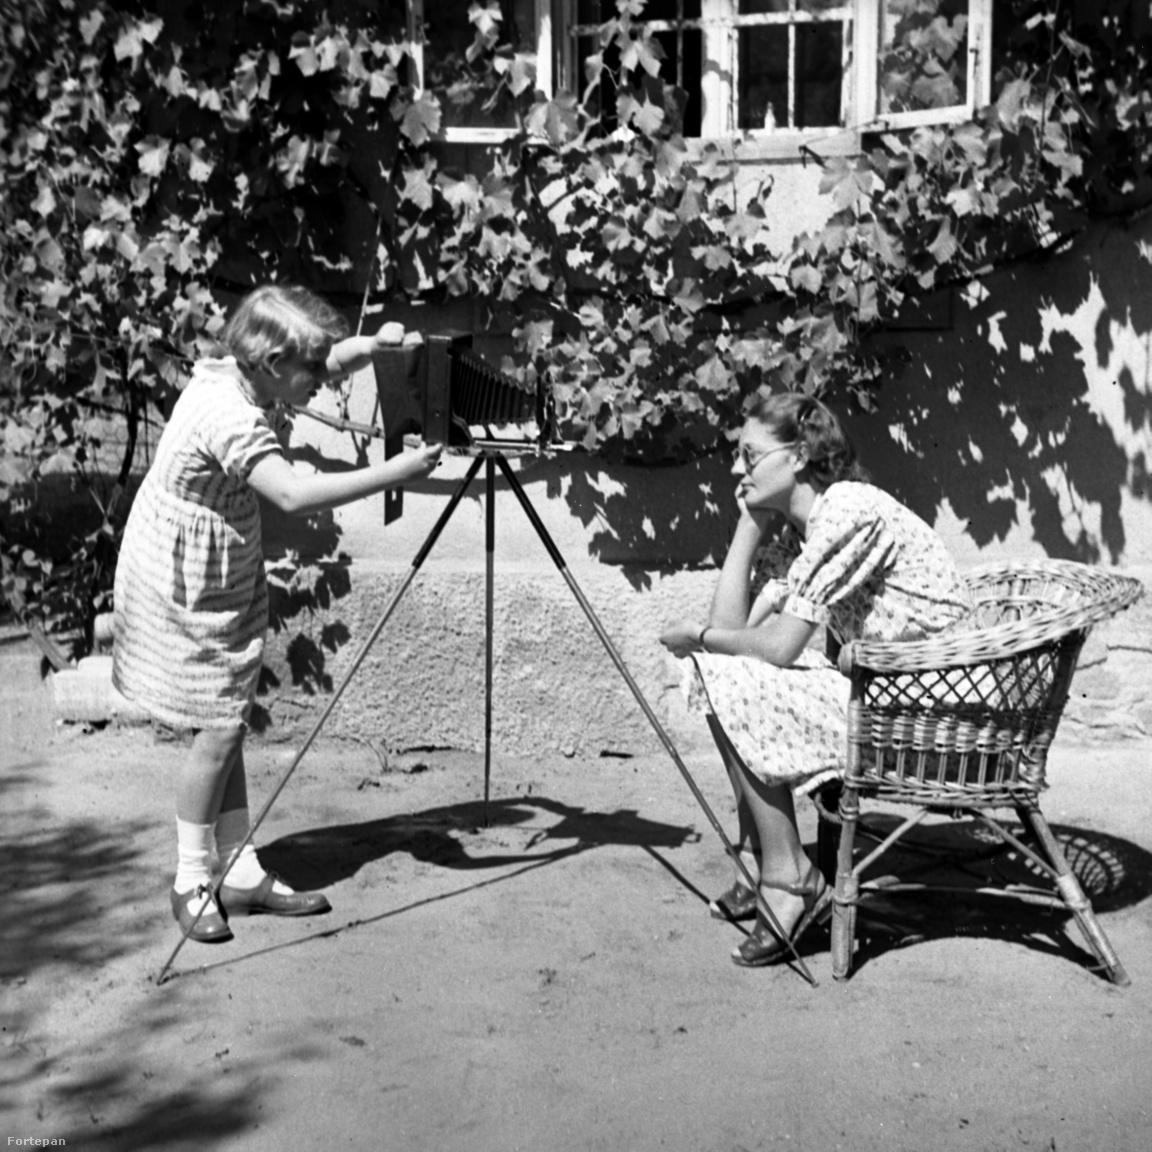 1938. Magyarország,Dunakeszi,Alag Batthyány Elemér utca 8., a Petanovits-ház kertje.